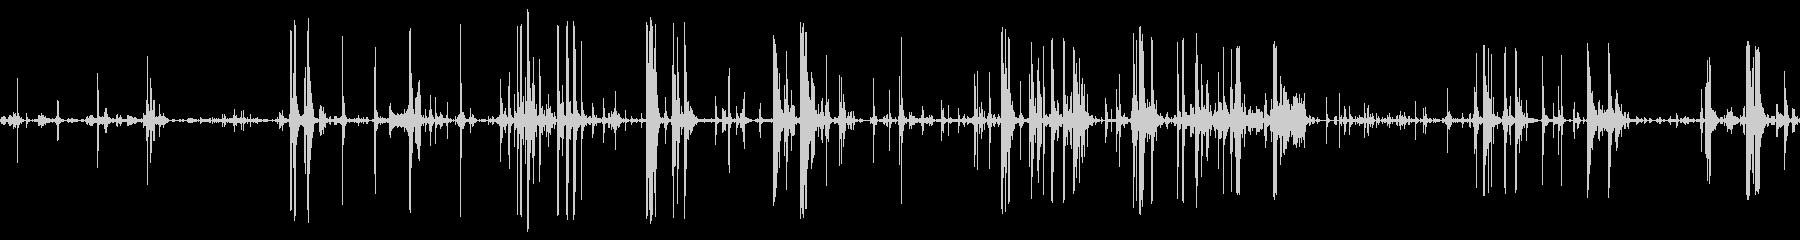 荷物移動ボックスラッチbの未再生の波形